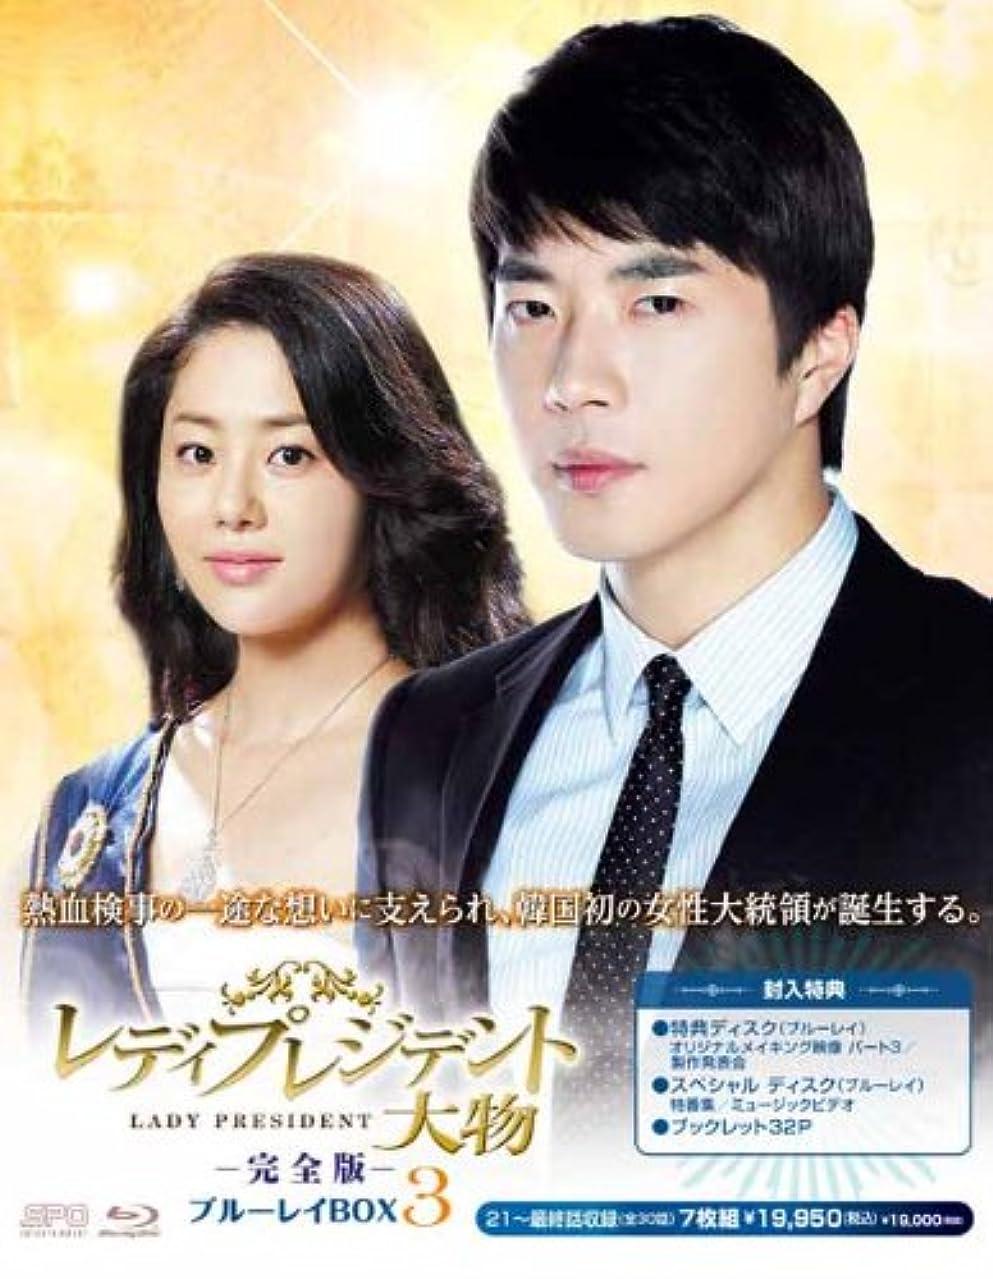 レイブラジャー速度レディプレジデント~大物 <完全版> ブルーレイBOX3 [Blu-ray]